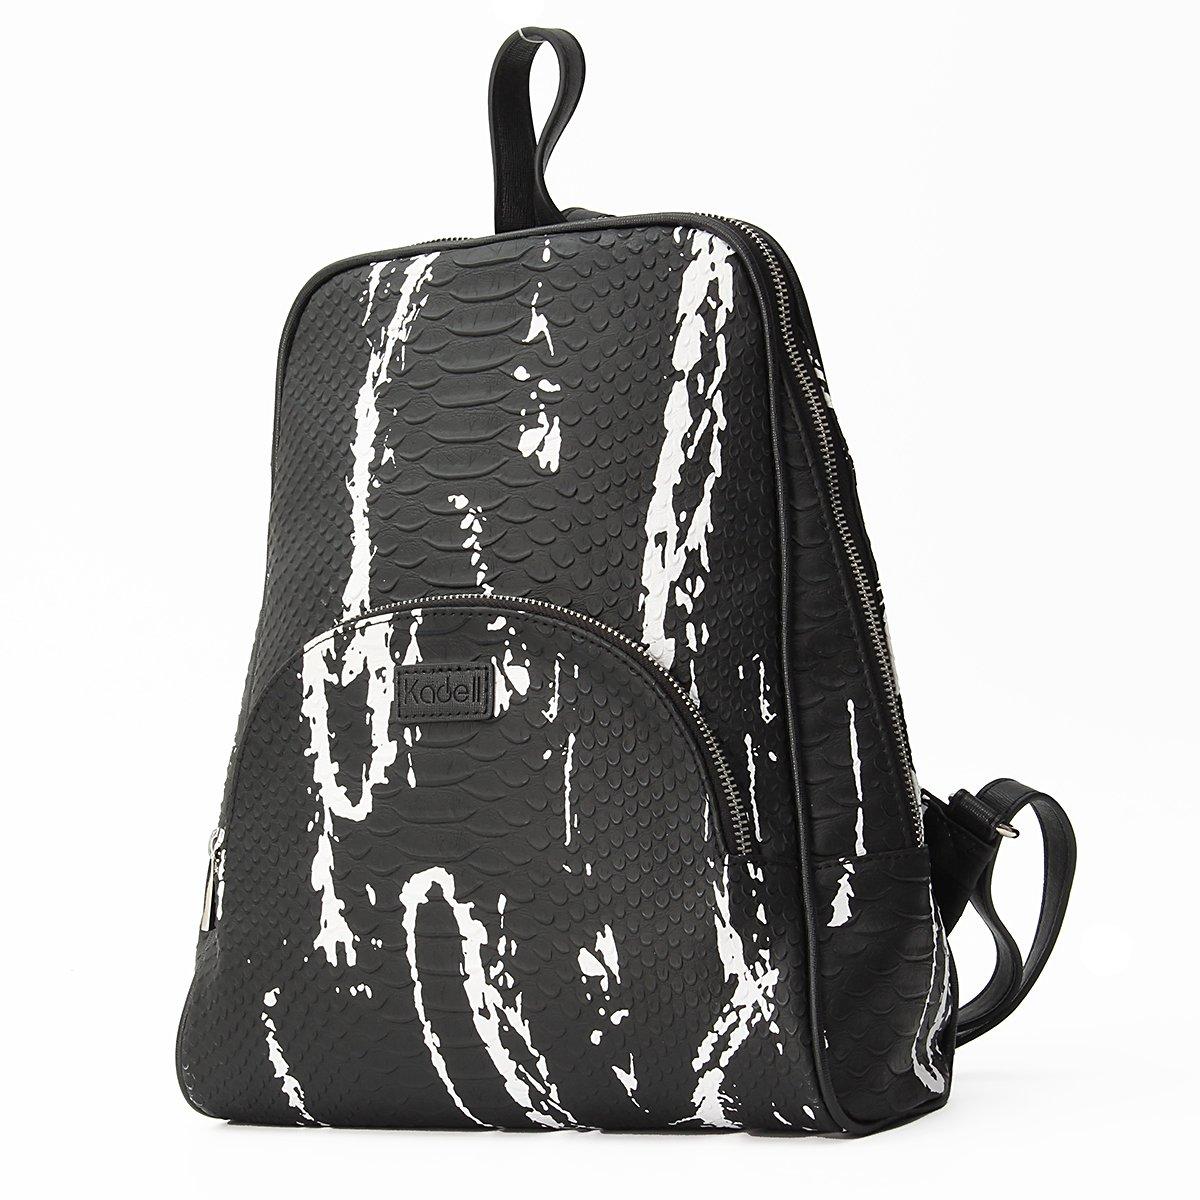 Kadell Women Leather Backpack Purse Shoulder Bags Knapsack Travel Bag Satchel Black and White